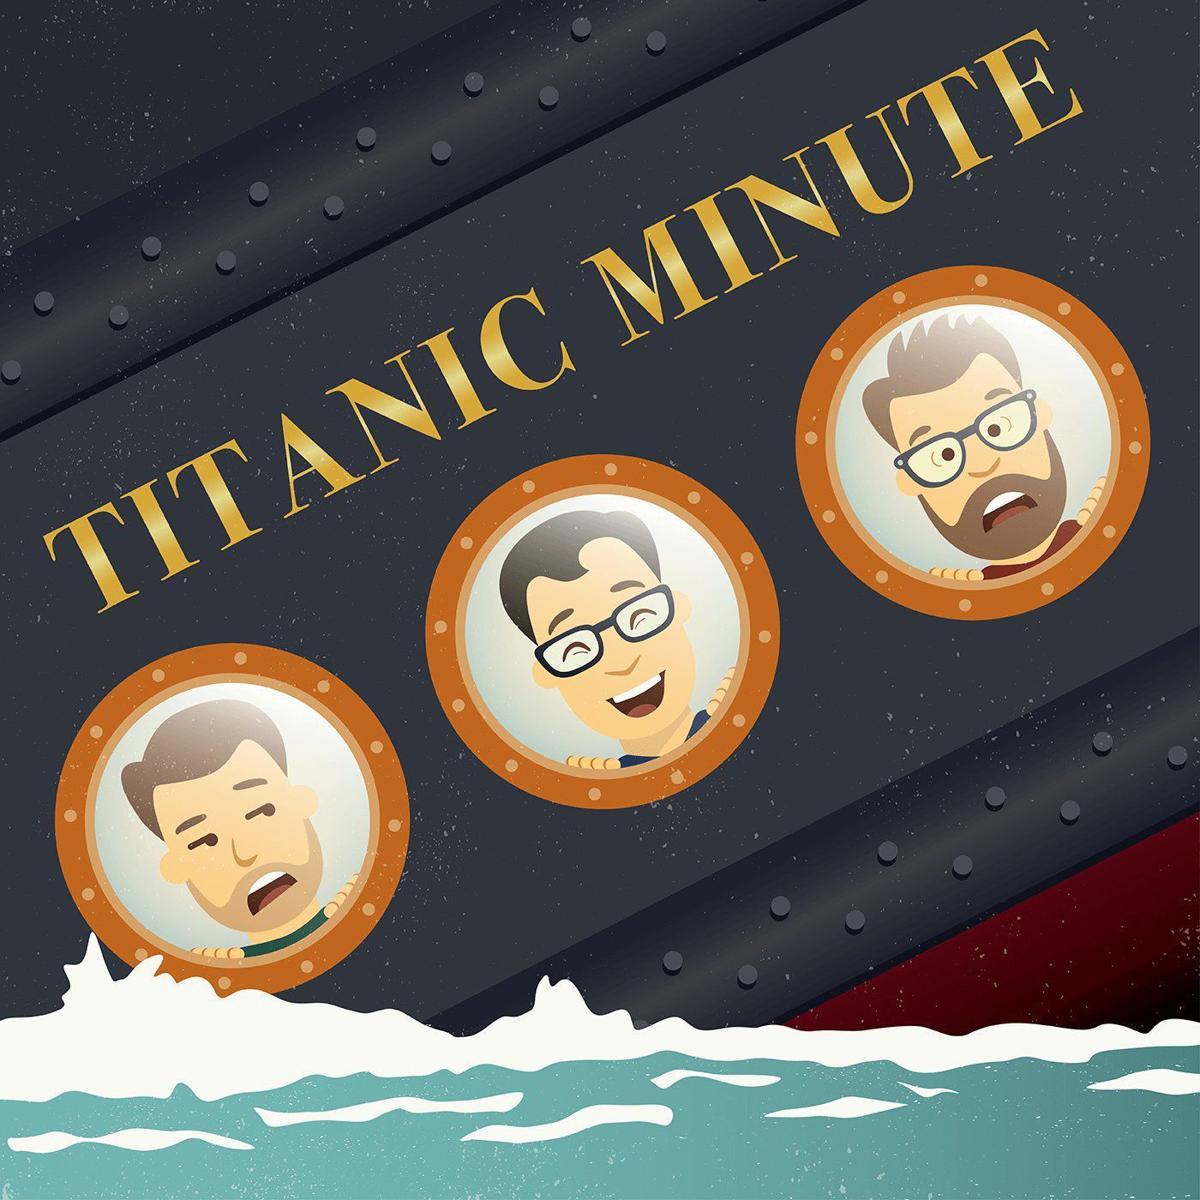 Titanic Minute